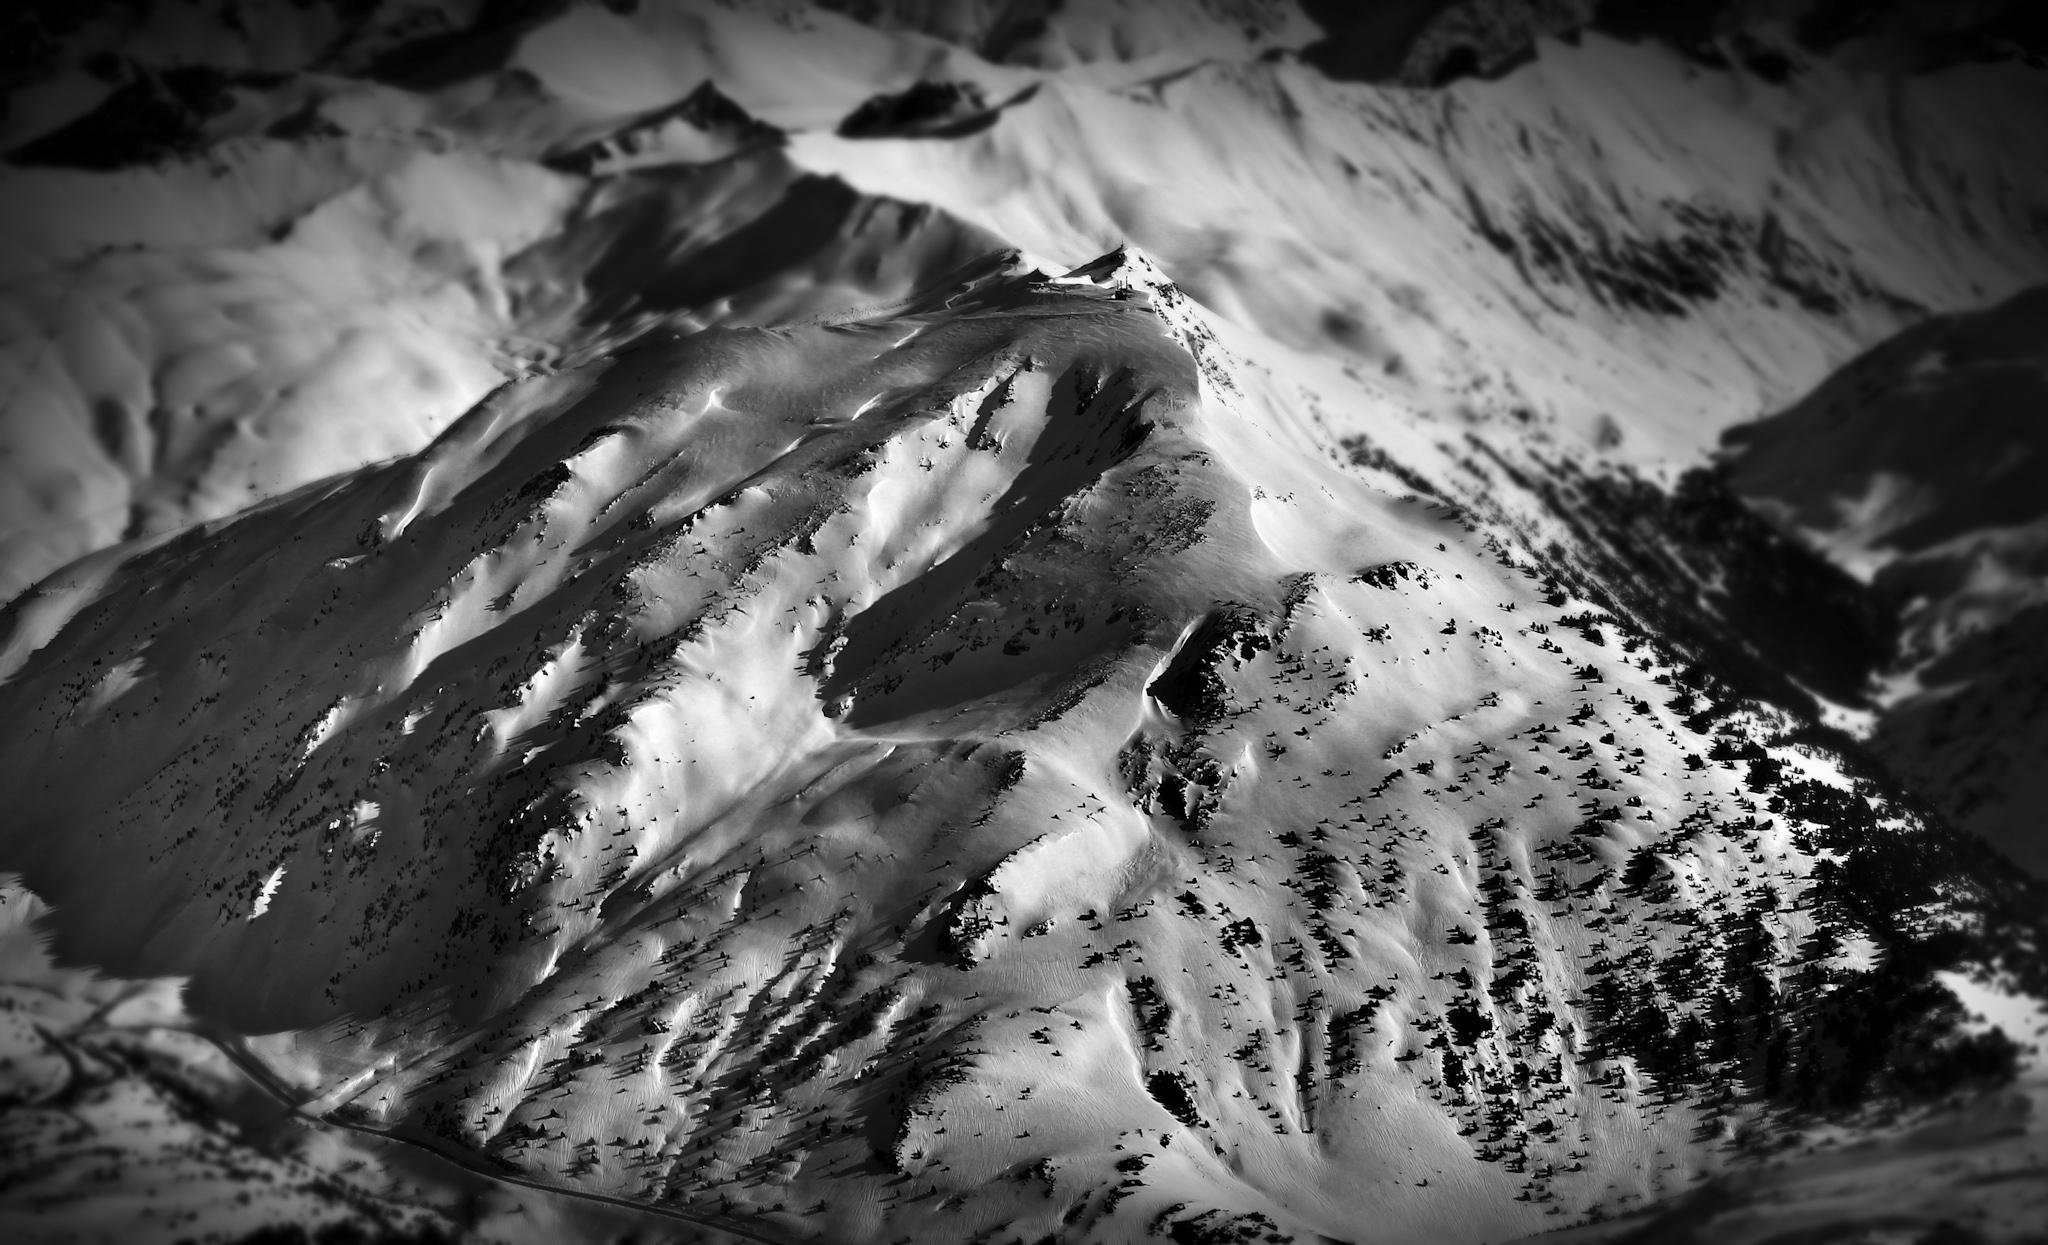 La Raca desde el aire - Astún - Fotos del Valle del Aragón, Mikel Besga